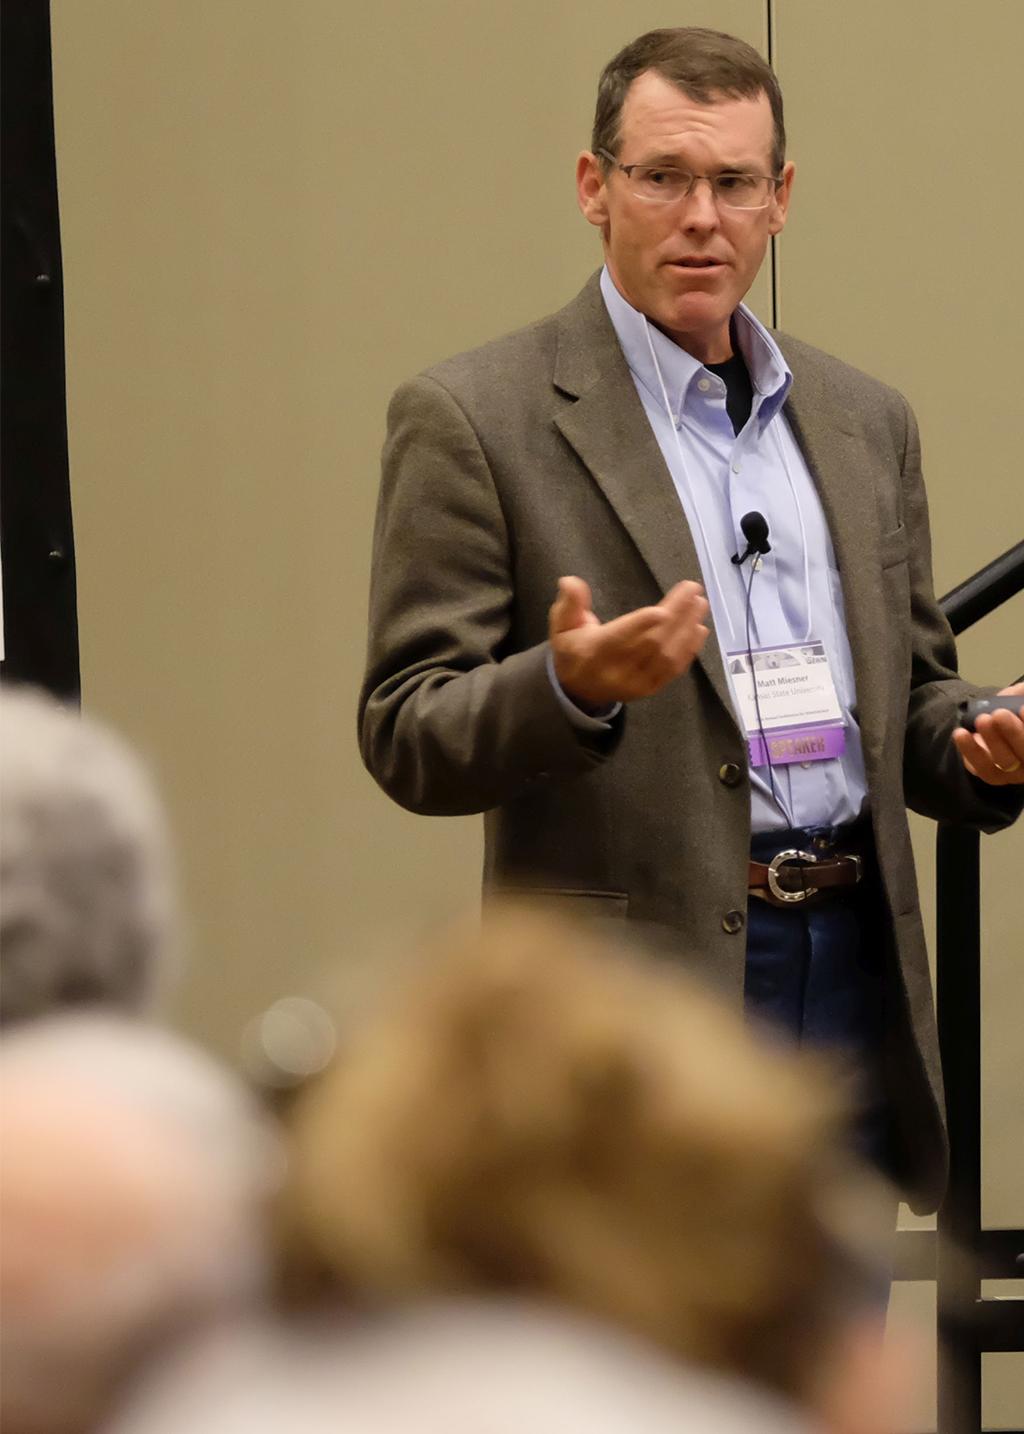 Dr. Matt Miesner